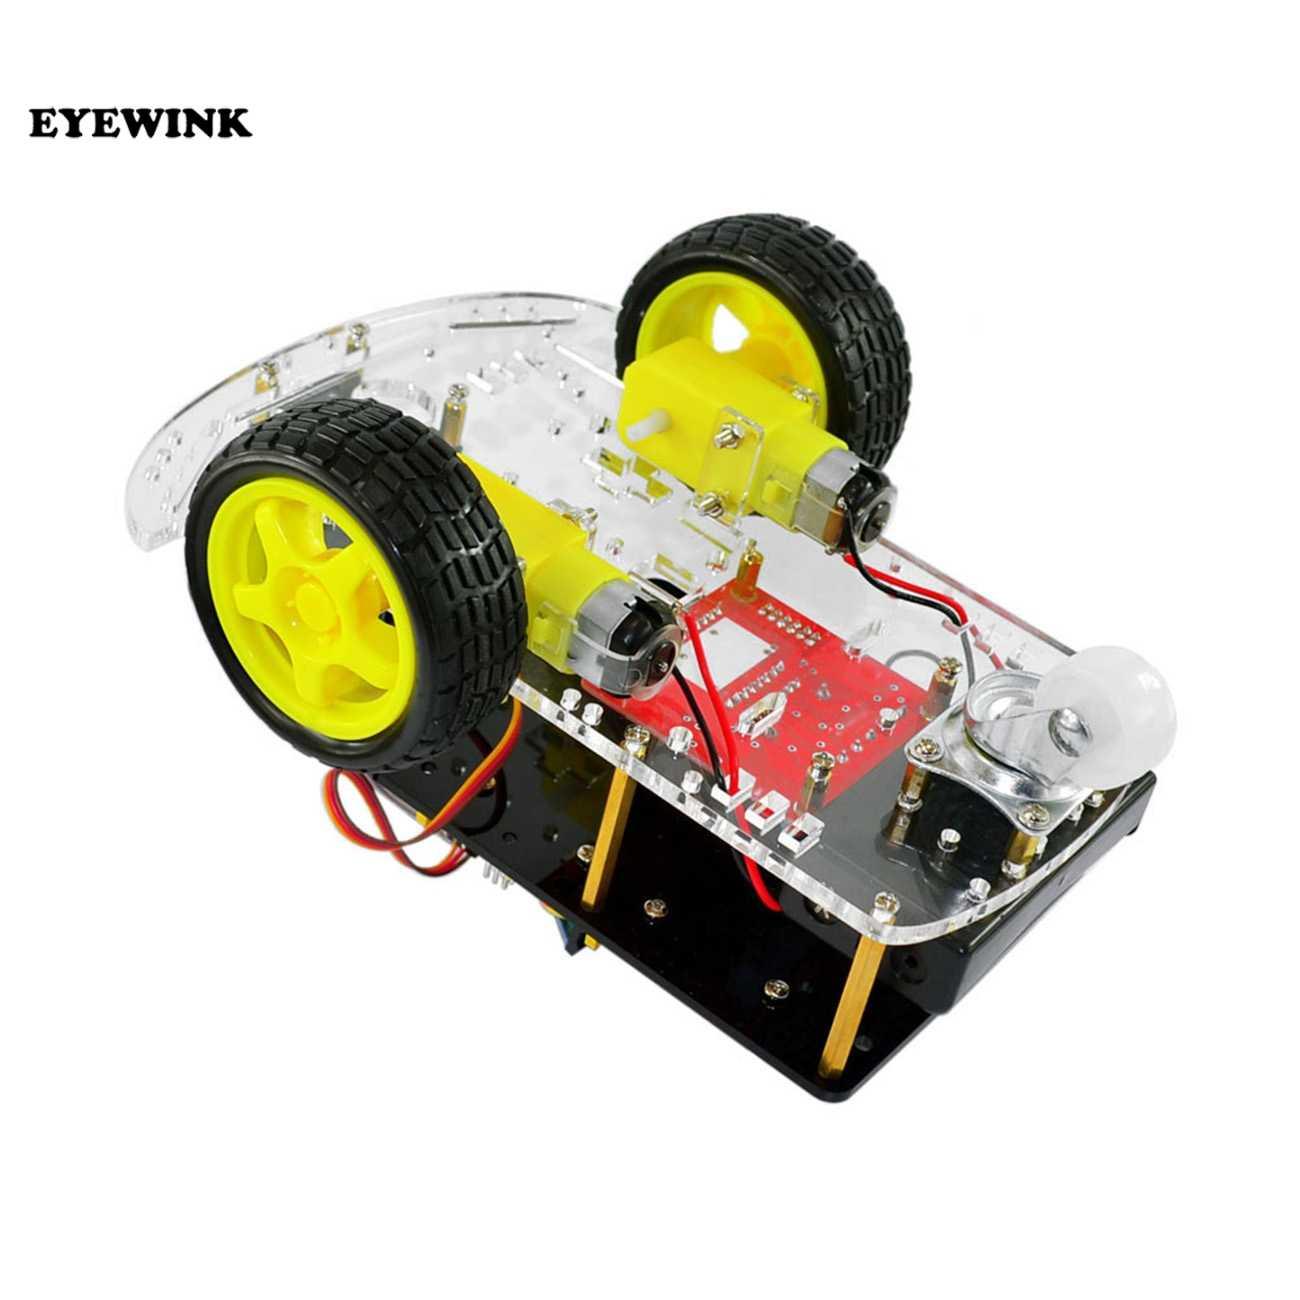 รถอัจฉริยะ Learning Suite หุ่นยนต์อัจฉริยะเต่าไร้สายควบคุมสำหรับ Arduino รถหุ่นยนต์ชุด